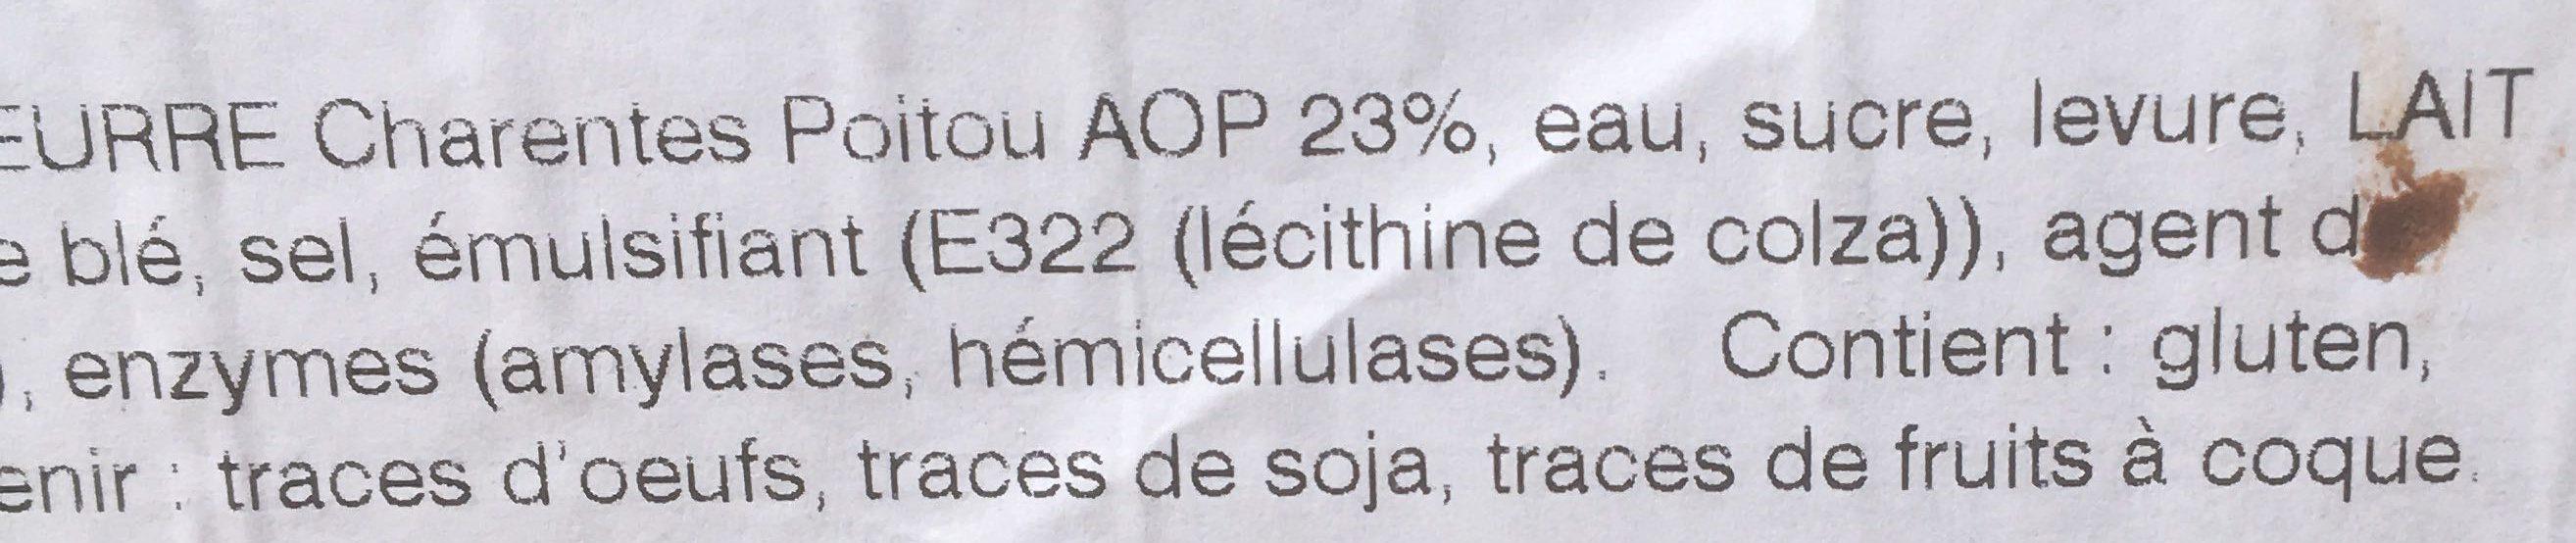 165 Croissants 70 g Beurre AOP Charentes-Poitou AOP - Ingredients - fr